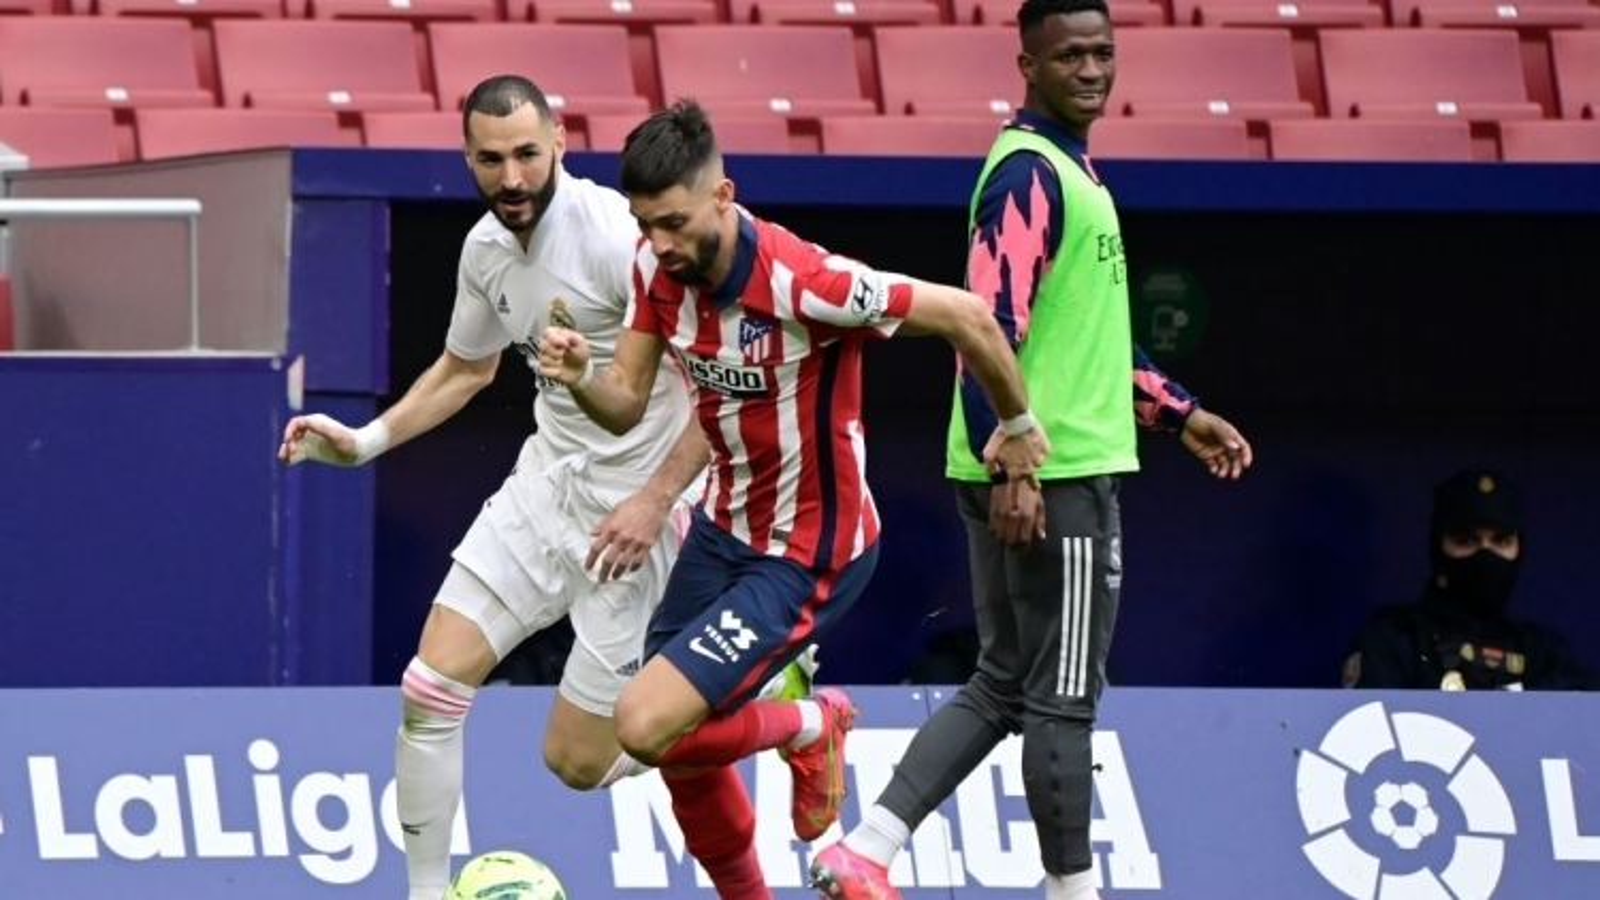 Vòng 37 La Liga 2020/2021: Khúc cua quyết định đến ngôi vô địch